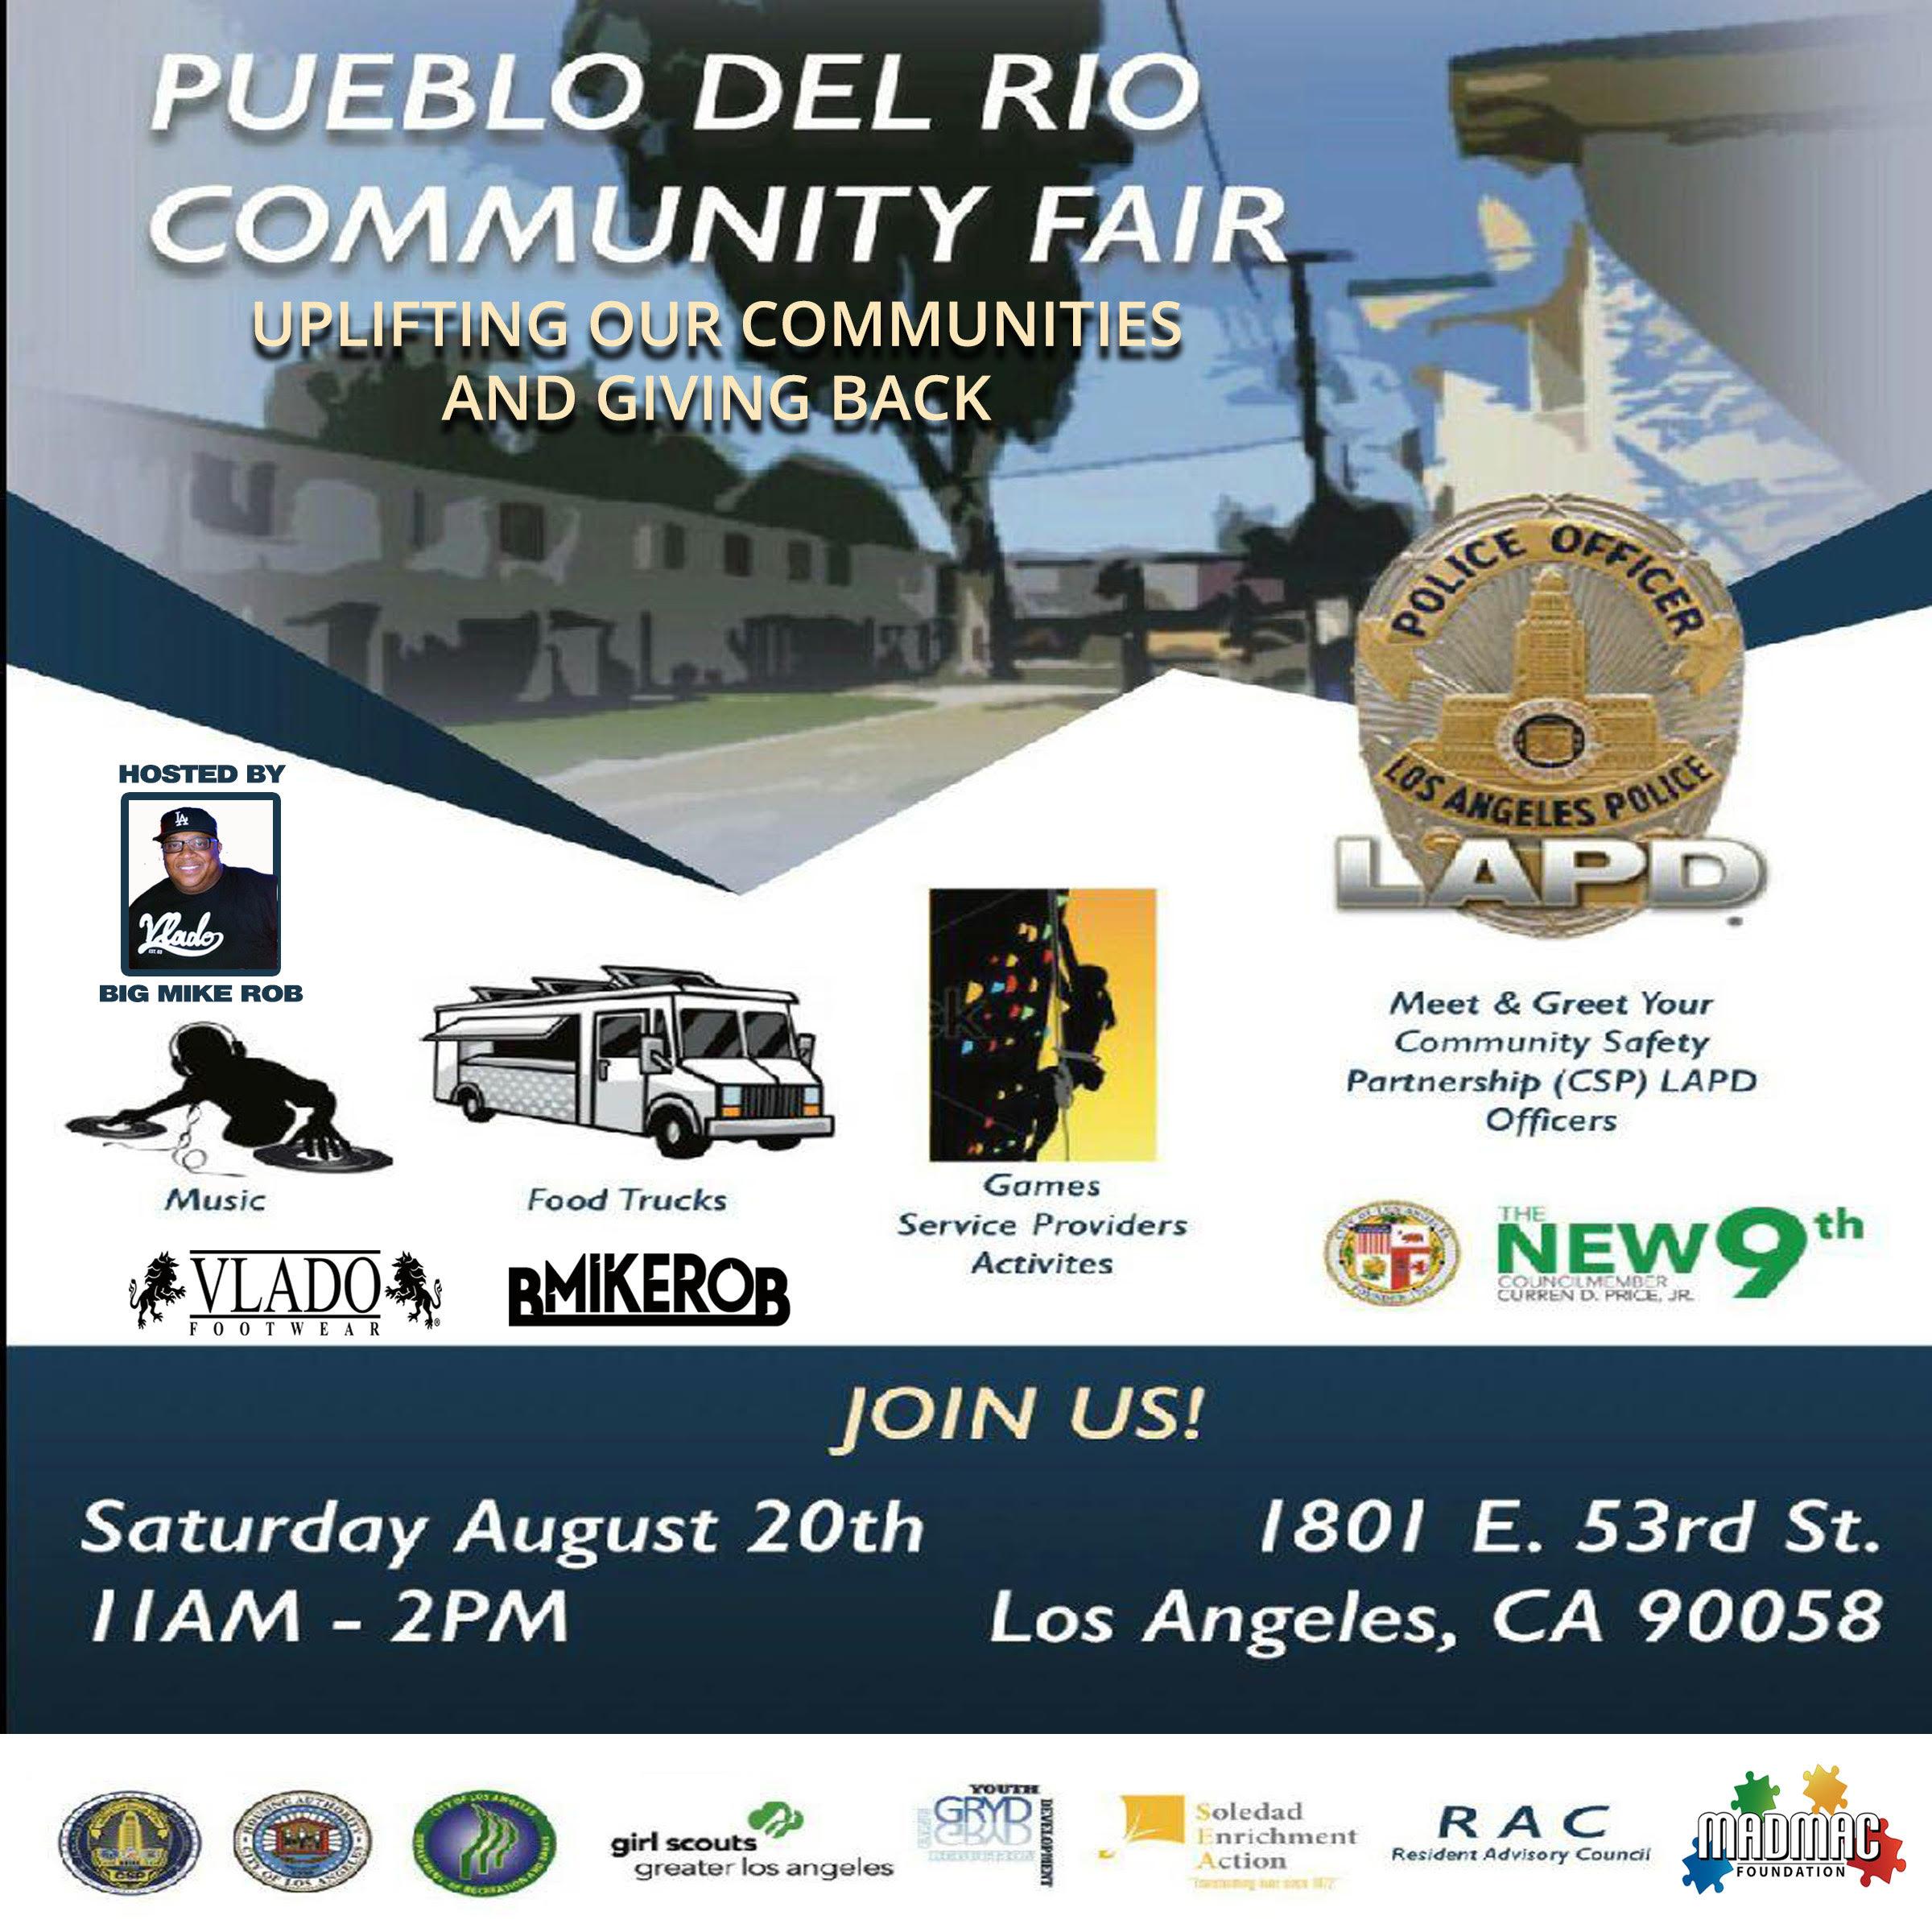 PuebloDelRioCommunityFair